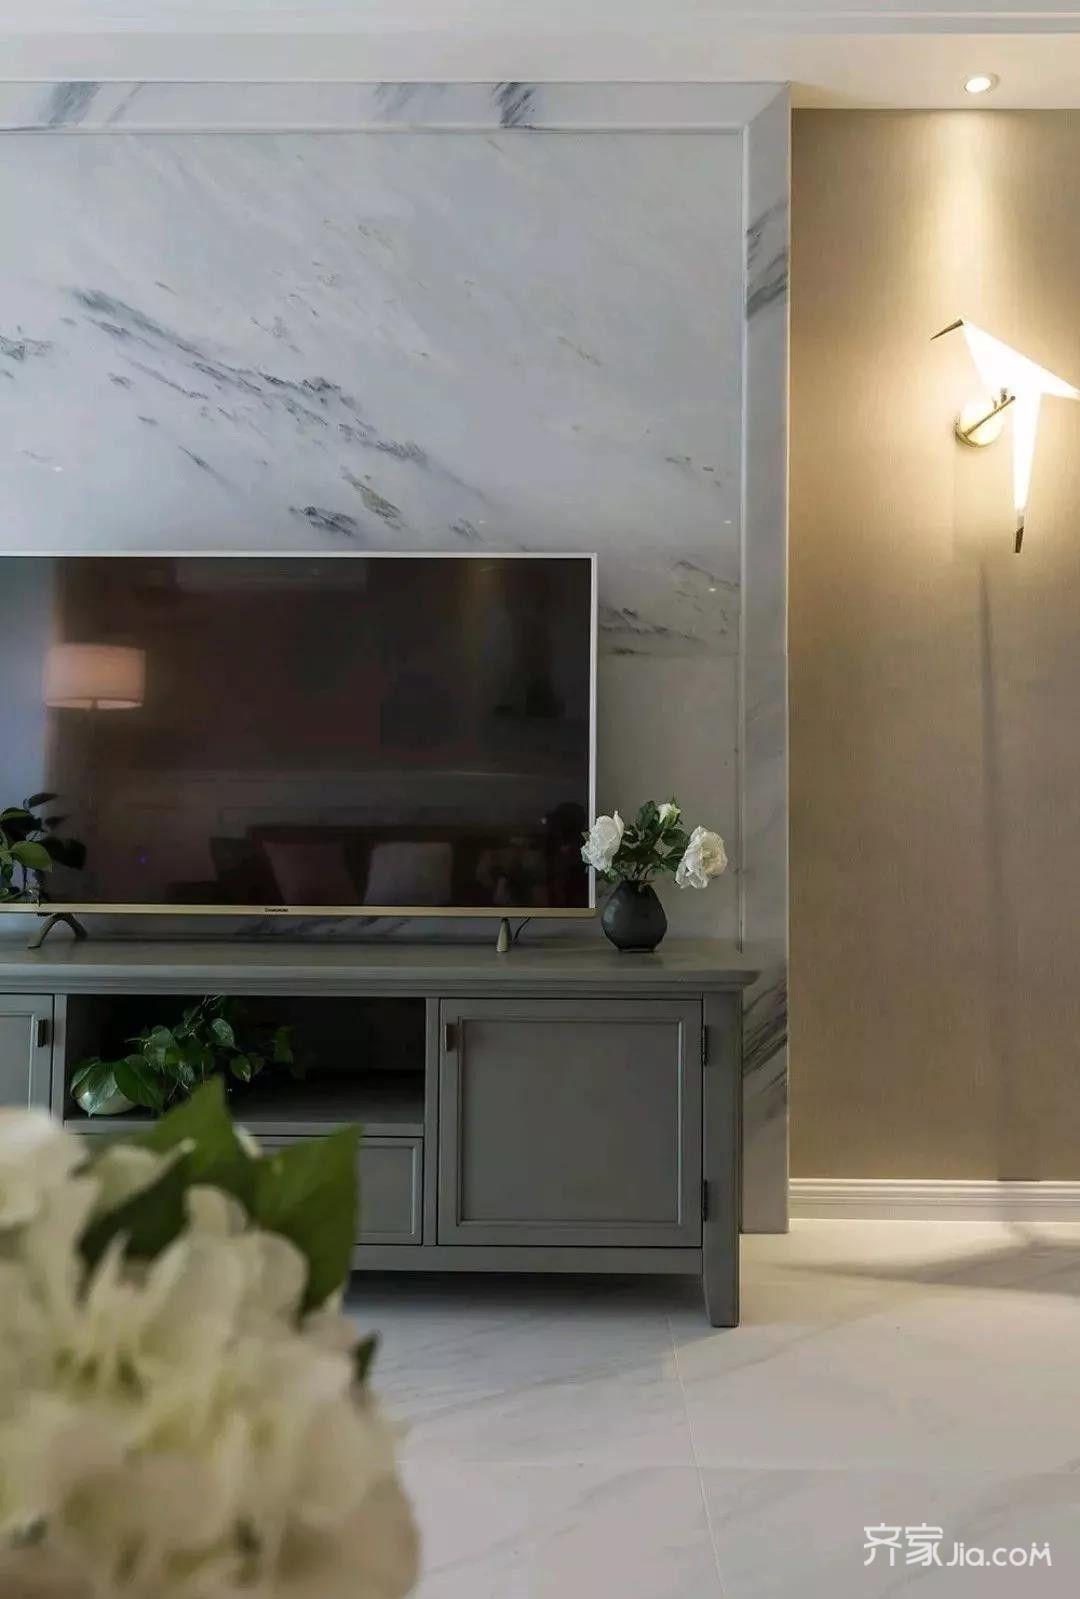 电视背景墙中间采用石材,两边则搭配千纸鹤壁灯,让人觉得简洁时尚的同